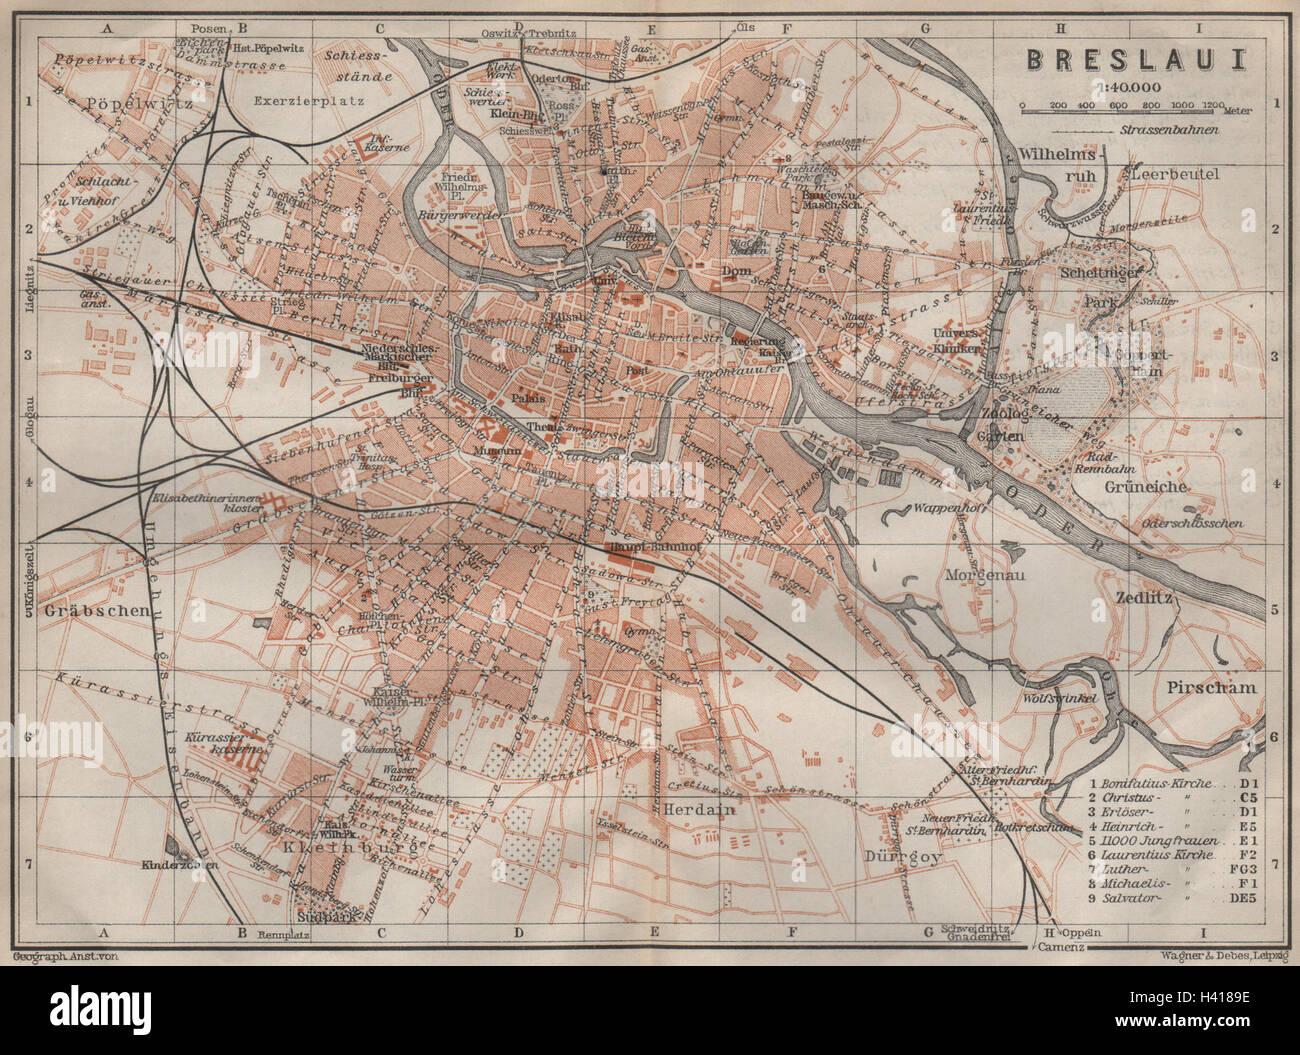 https://c8.alamy.com/comp/H4189E/breslau-wrocaw-antique-town-city-plan-miasta-i-wroclaw-poland-mapa-H4189E.jpg